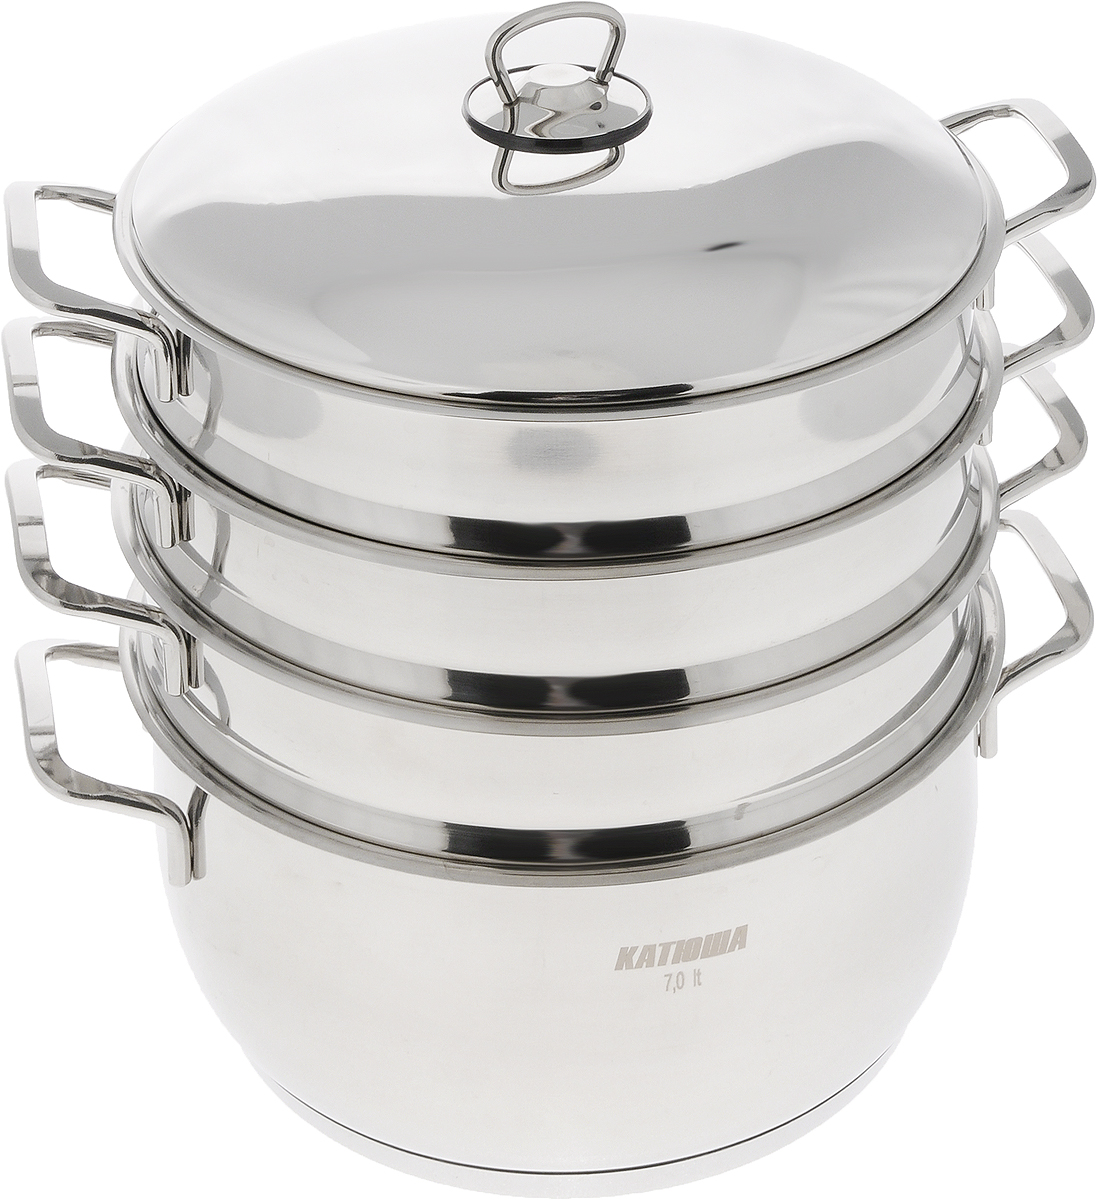 Мантоварка Катюша с крышкой, 3-уровневая, 7 л391602Мантоварка Катюша изготовлена из нержавеющей стали, что делает посуду износостойкой, прочной и практичной. Глубина уровней изделия, диаметр отверстий и объем специально предназначены для приготовления мантов. В мантоварке также можно готовить и другие блюда: овощи, котлеты или пельмени. Готовить на пару очень просто, продукты не пригорают и не склеиваются, а готовое блюдо выходит рассыпчатым и ароматным. Питательные элементы и витамины не растворяются в воде, а остаются в продуктах. Еда получается не только полезной, но и по-настоящему вкусной.Нижнюю часть манотоварки можно использовать как казан. Казаном принято называть большую кастрюлю толстыми стенками и выпуклым овальным дном. В казане можно приготовить много самых разнообразнейших блюд восточной кухни, но, наверное, самое известное и распространенное блюдо, которое приготавливается в казане, это любимый многими плов.Подходит для газовых и электрических плит. Внутренний диаметр казана: 28 см. Диаметр отверстий секции мантоварки: 0,5 см. Высота стенки казана: 12 см. Высота стенки секции: 6,5 см. Ширина казана (с учетом ручек): 36 см. Общая высота мантоварки (с учетом крышки): 35 см.